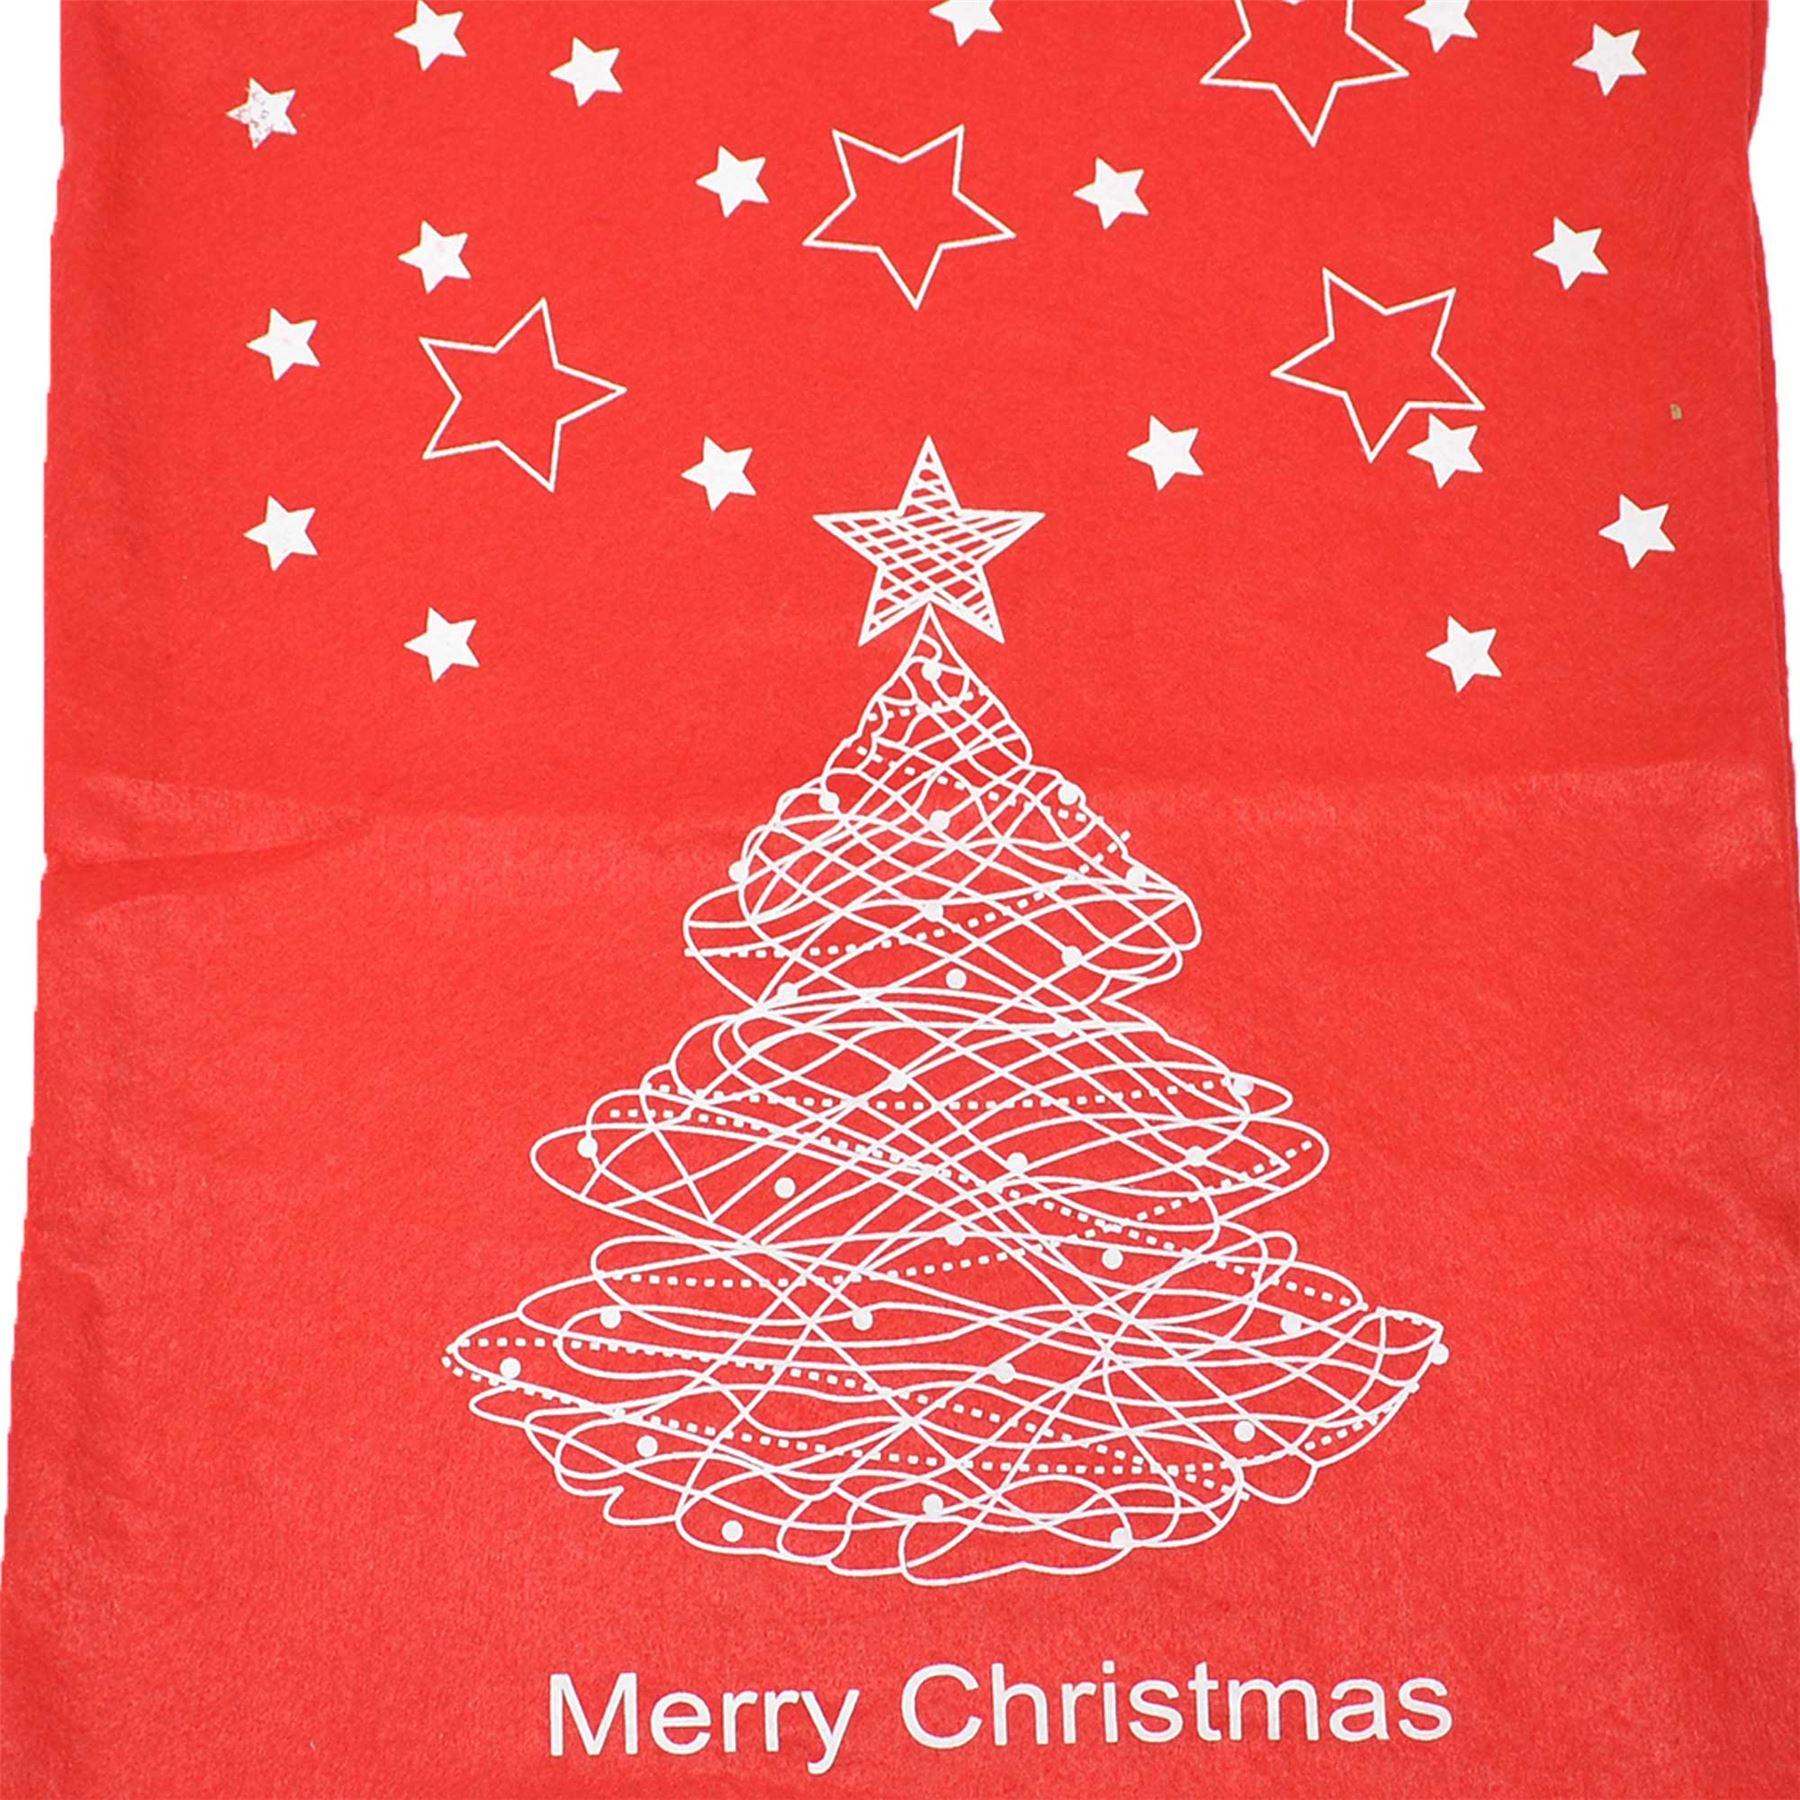 Feltro-Rosso-Buon-Natale-Babbo-Natale-Sacco-Grande-Calza-Natale-Regali-Regalo-Borse miniatura 14